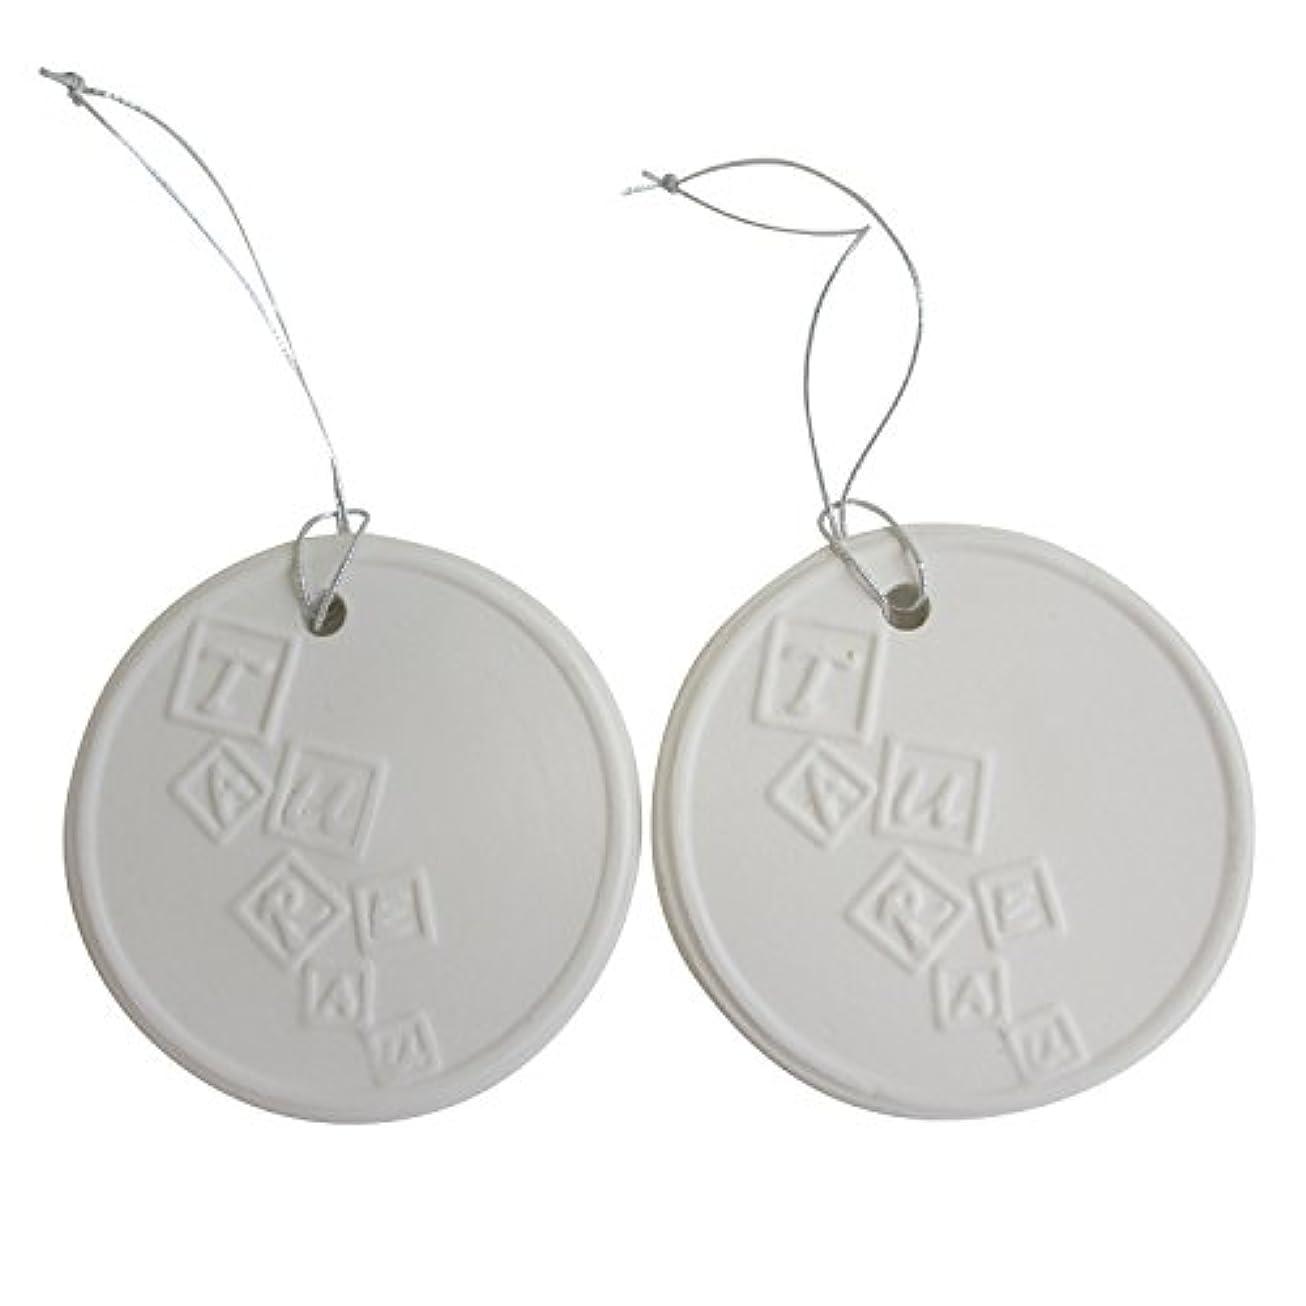 アロマストーン ホワイトコイン 2セット(ロゴ2) アクセサリー 小物 キーホルダー アロマディフューザー ペンダント 陶器製